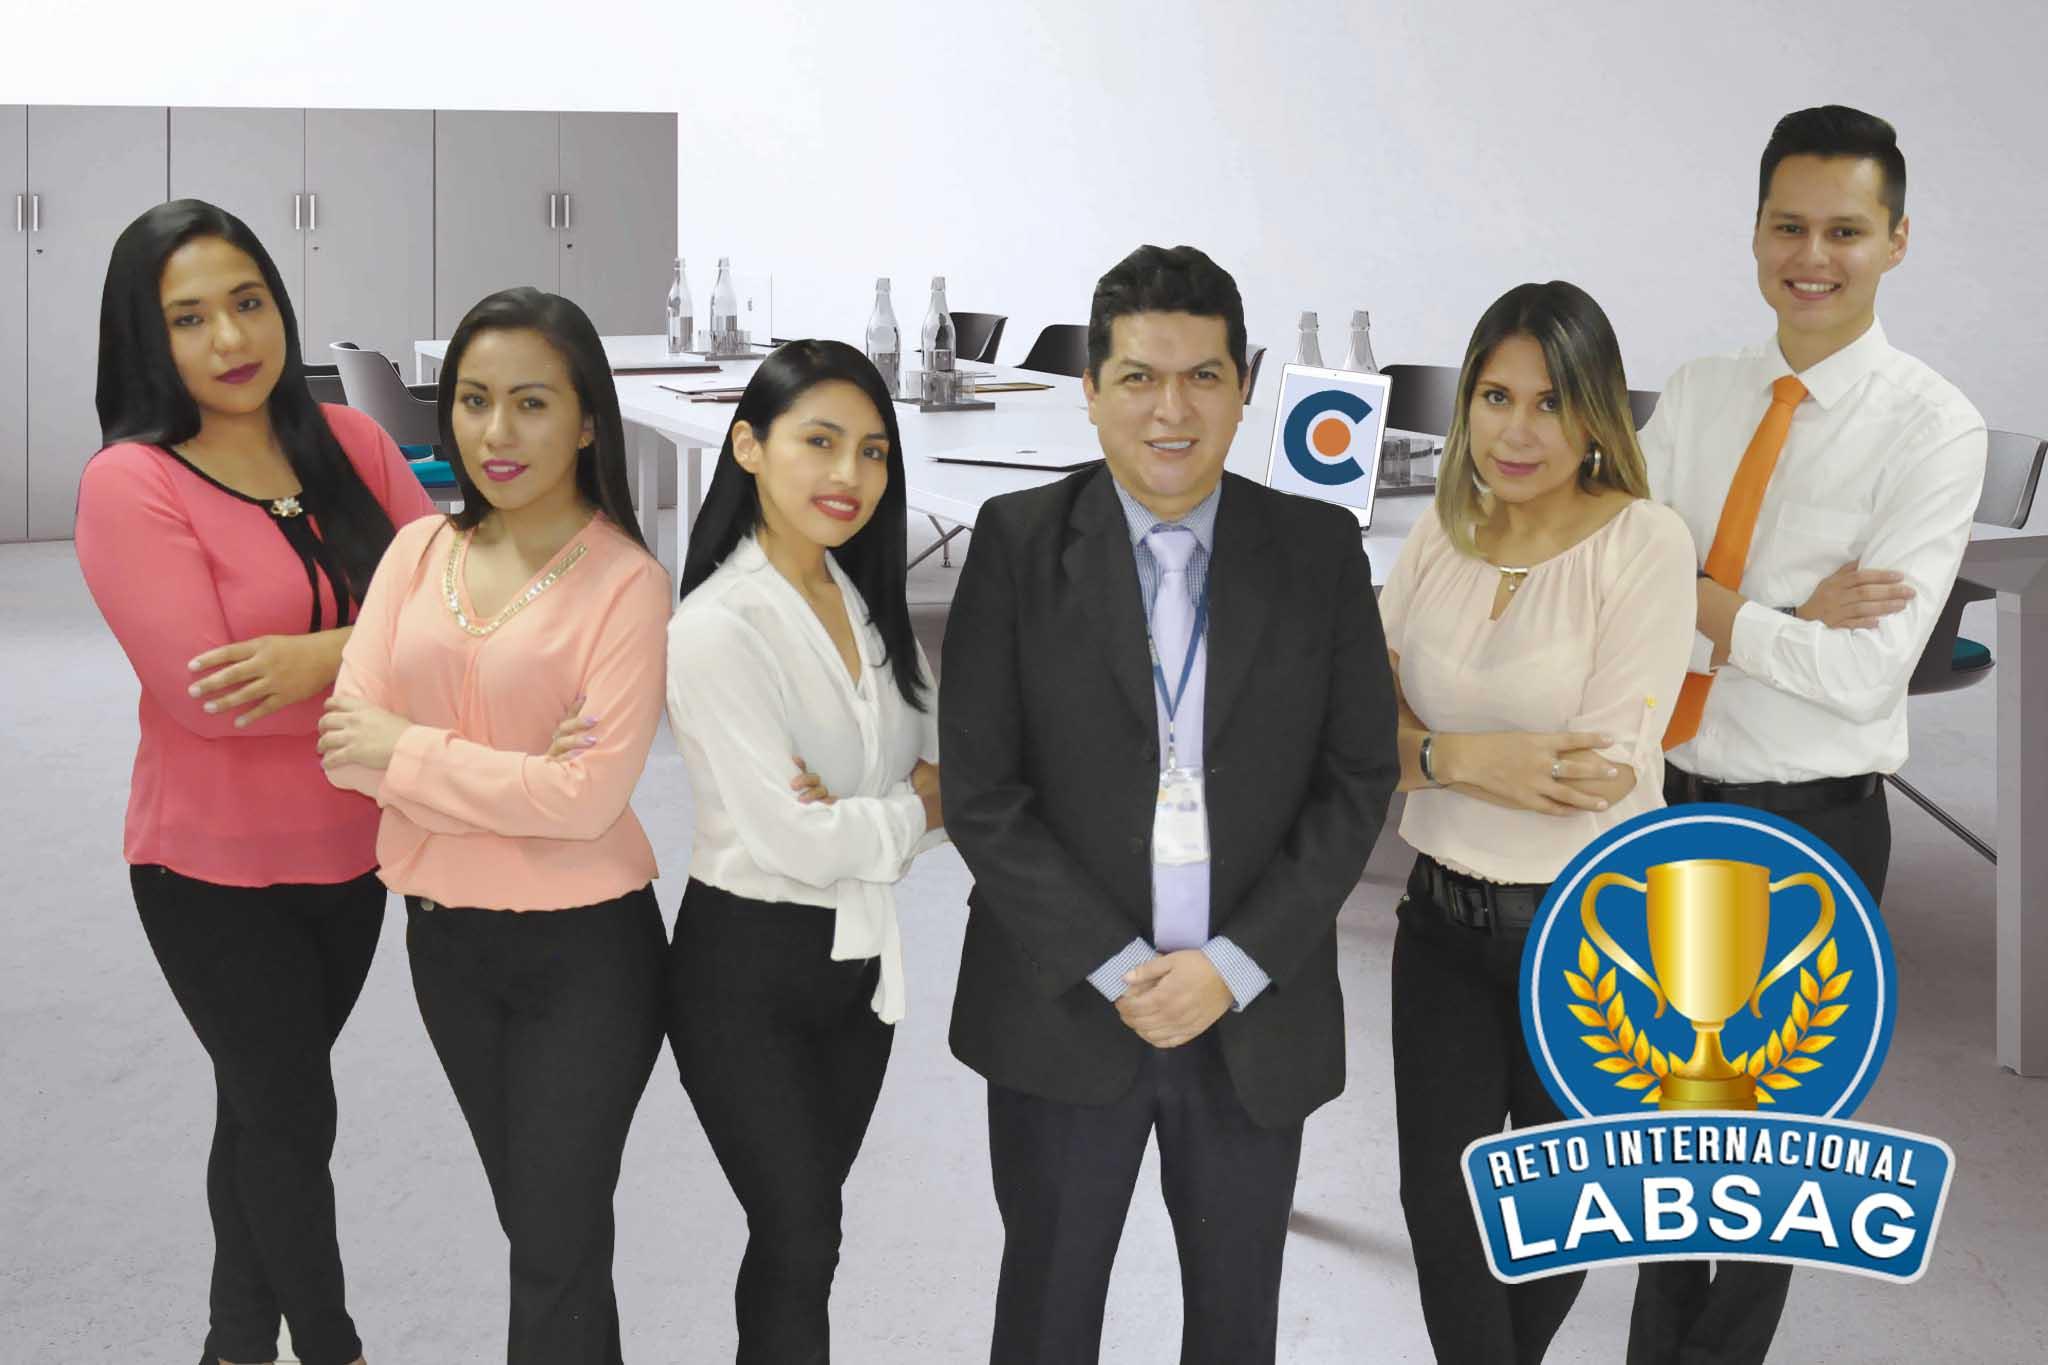 LA CARRERA DE INGENIERÍA FINANCIERA OBTUVO EL PRIMER LUGAR EN EL RETO LABSAG